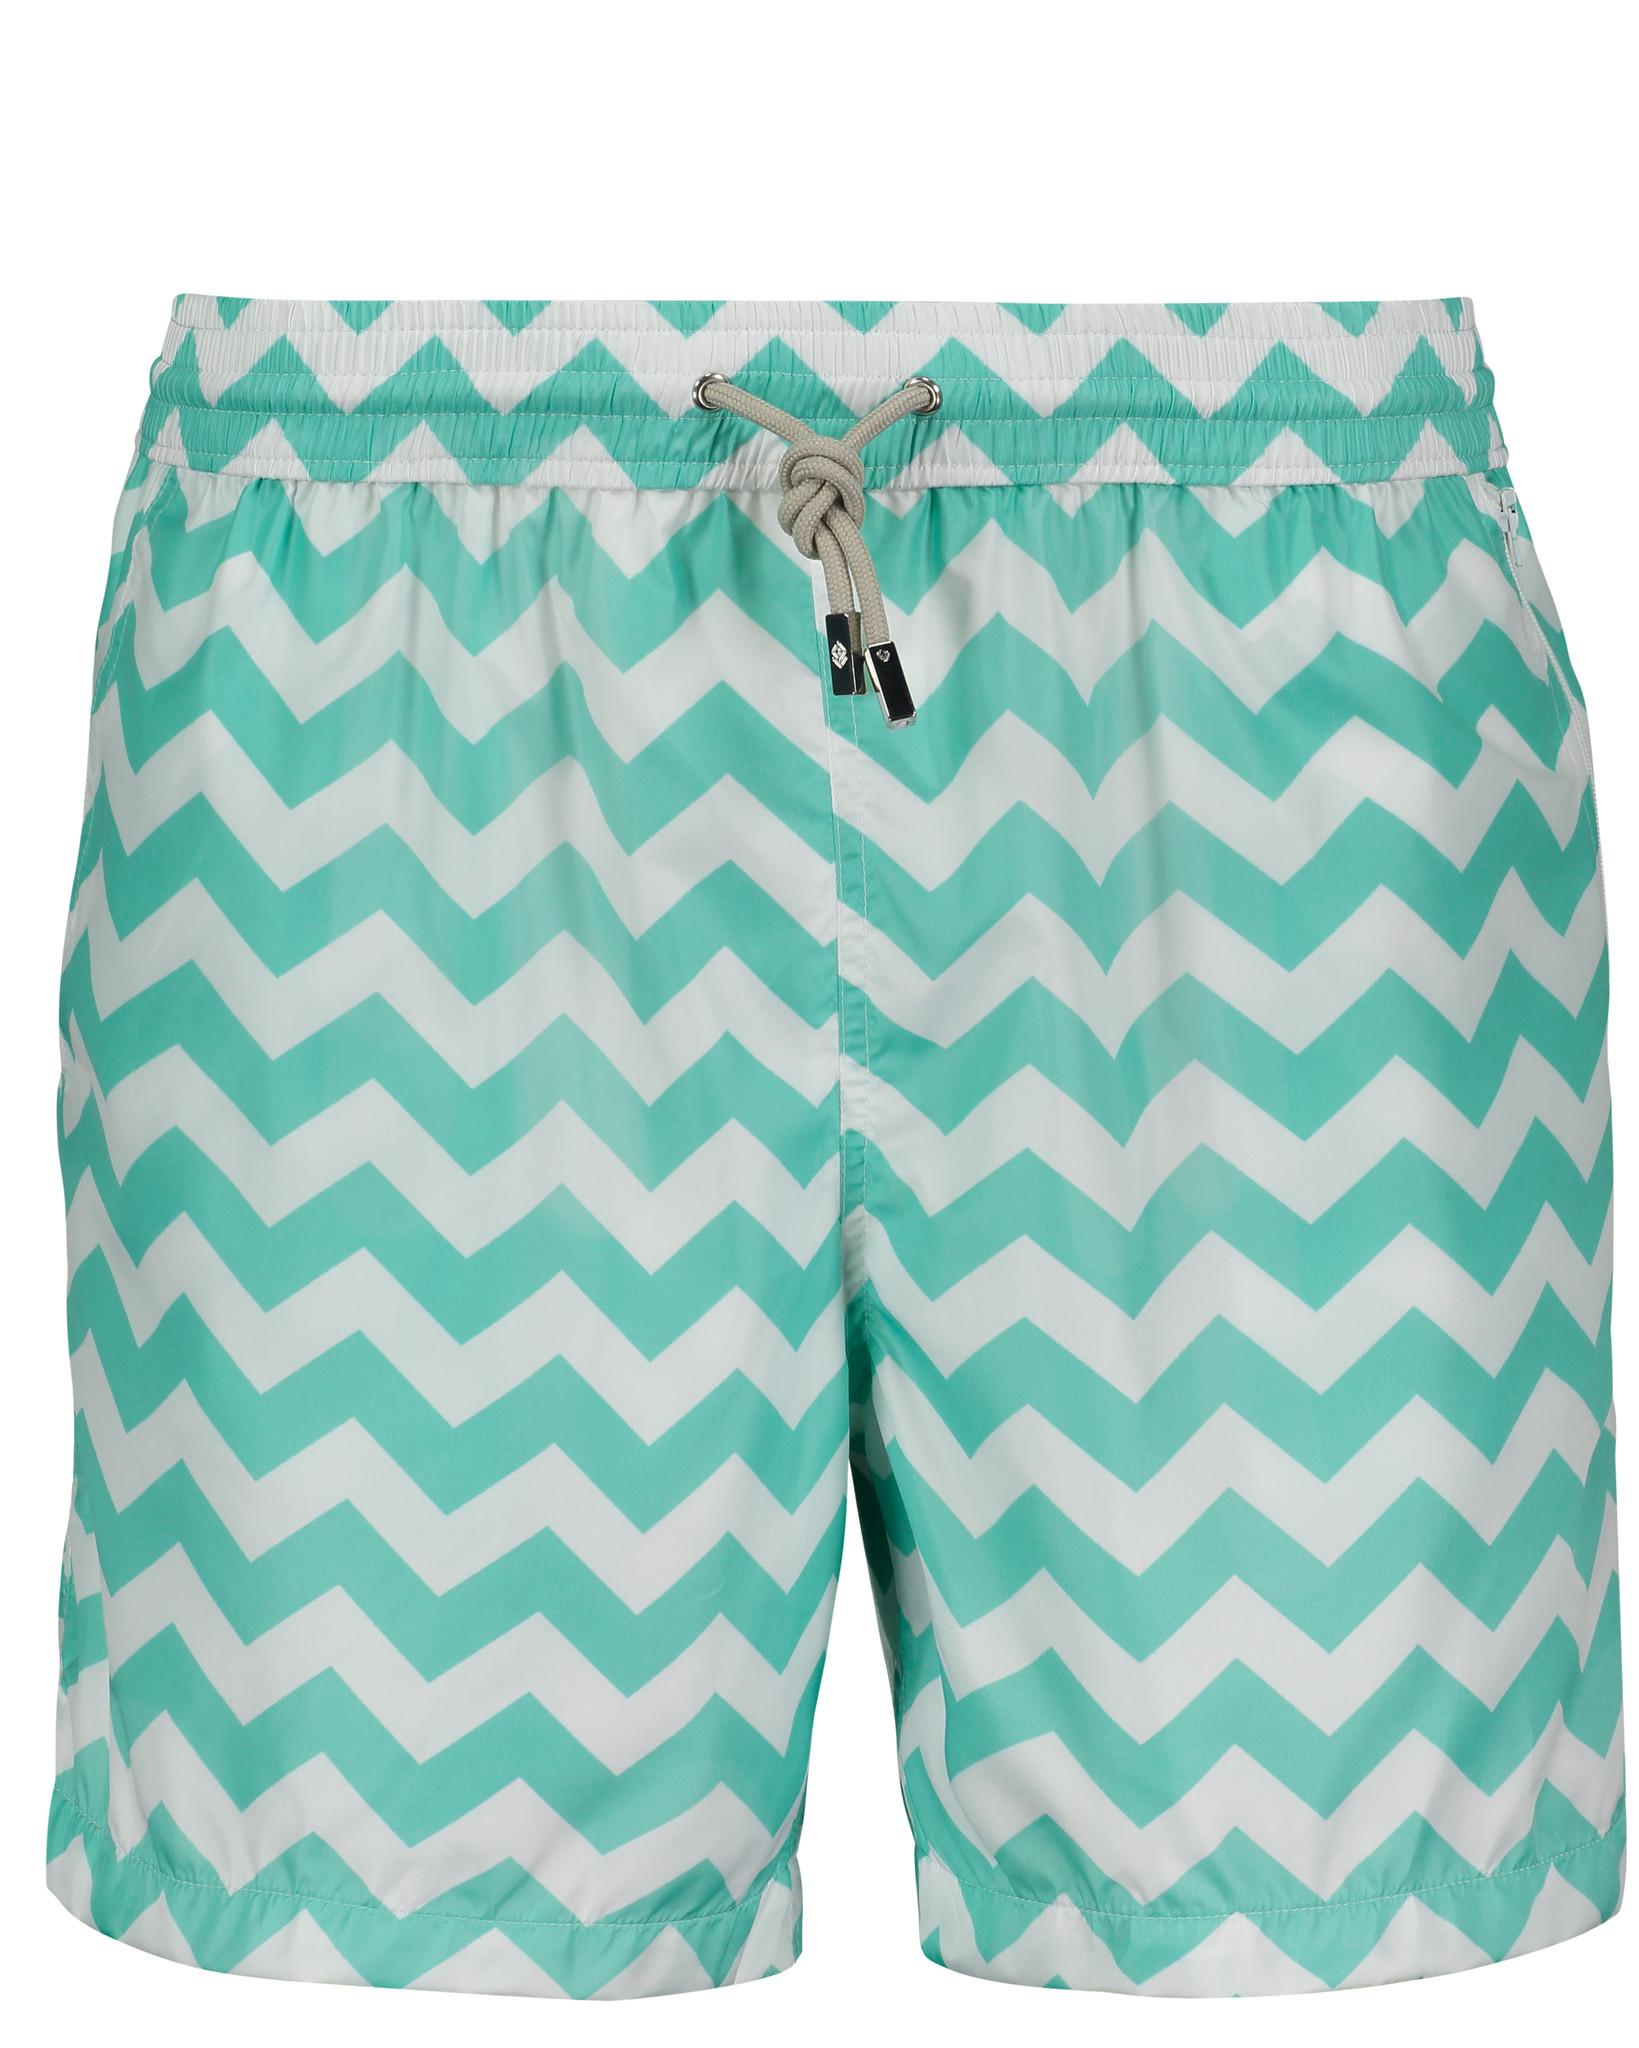 Men's Swim Shorts Wave Mint-2